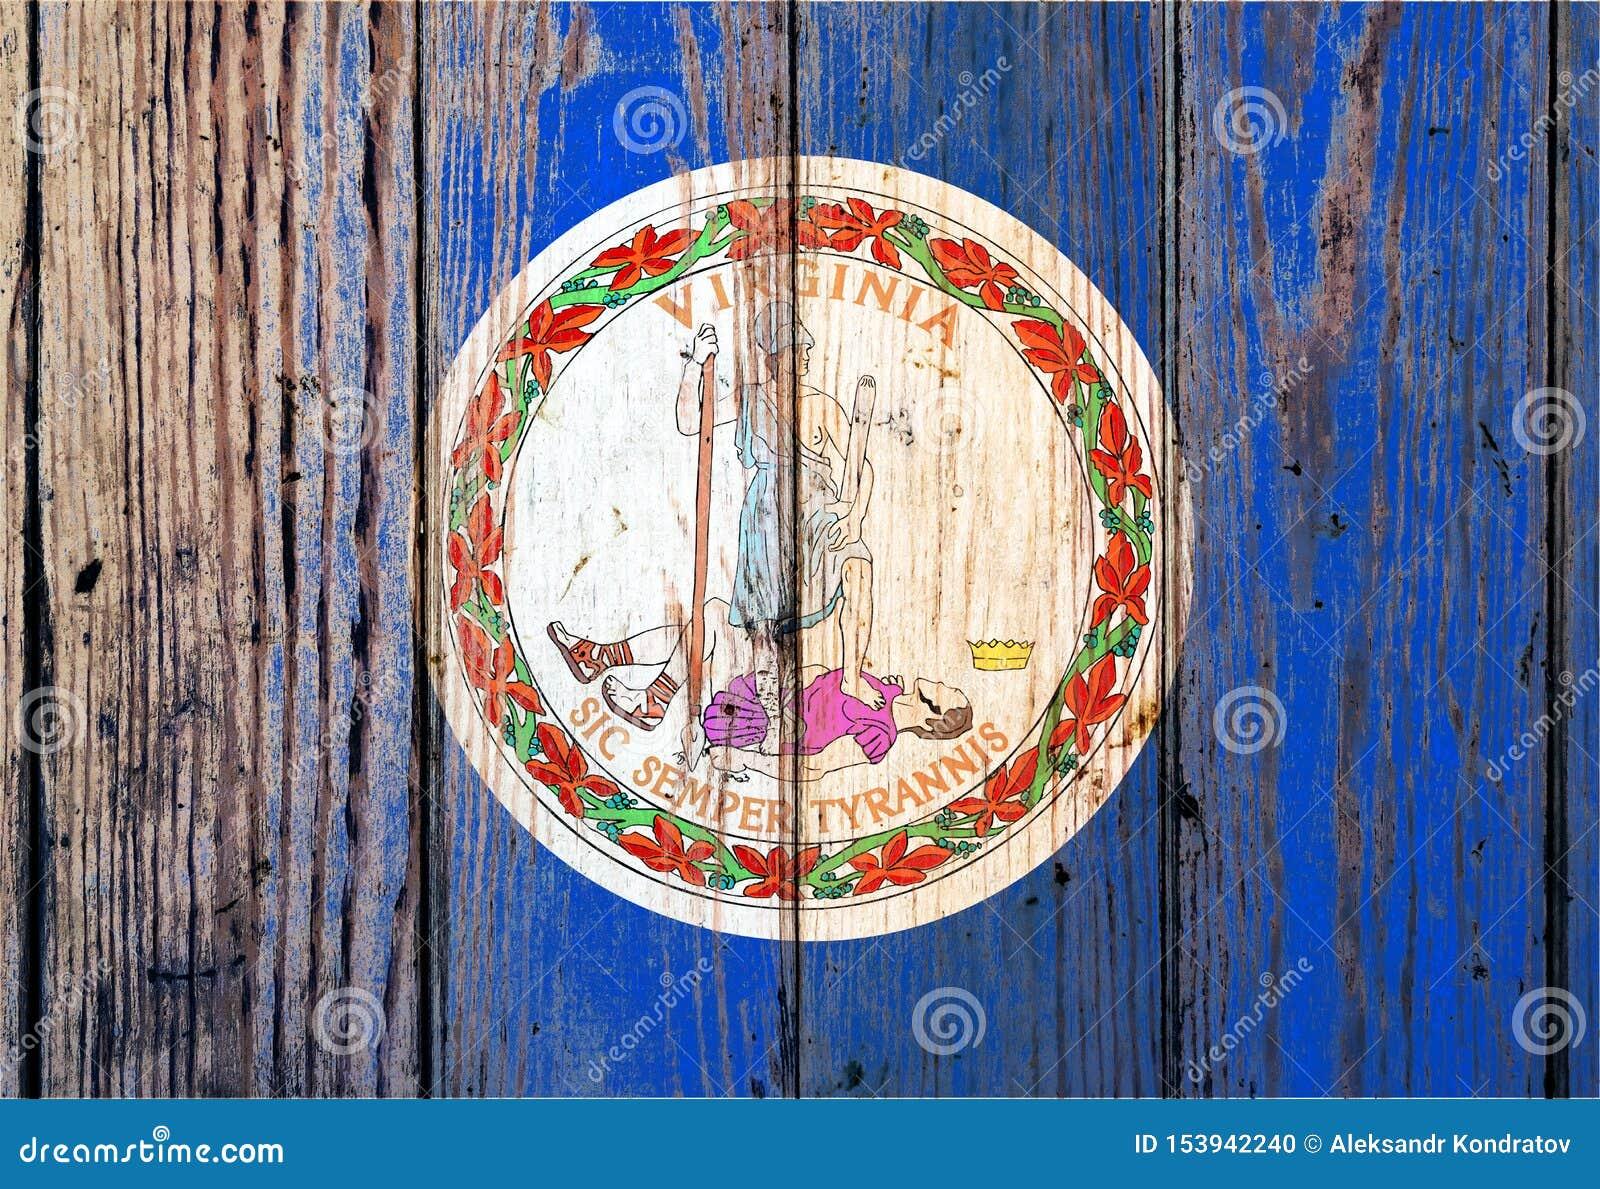 Virginia USA tillståndsnationsflagga på en grå träbrädebakgrund på dagen av självständighet i olika färger av blått rött och